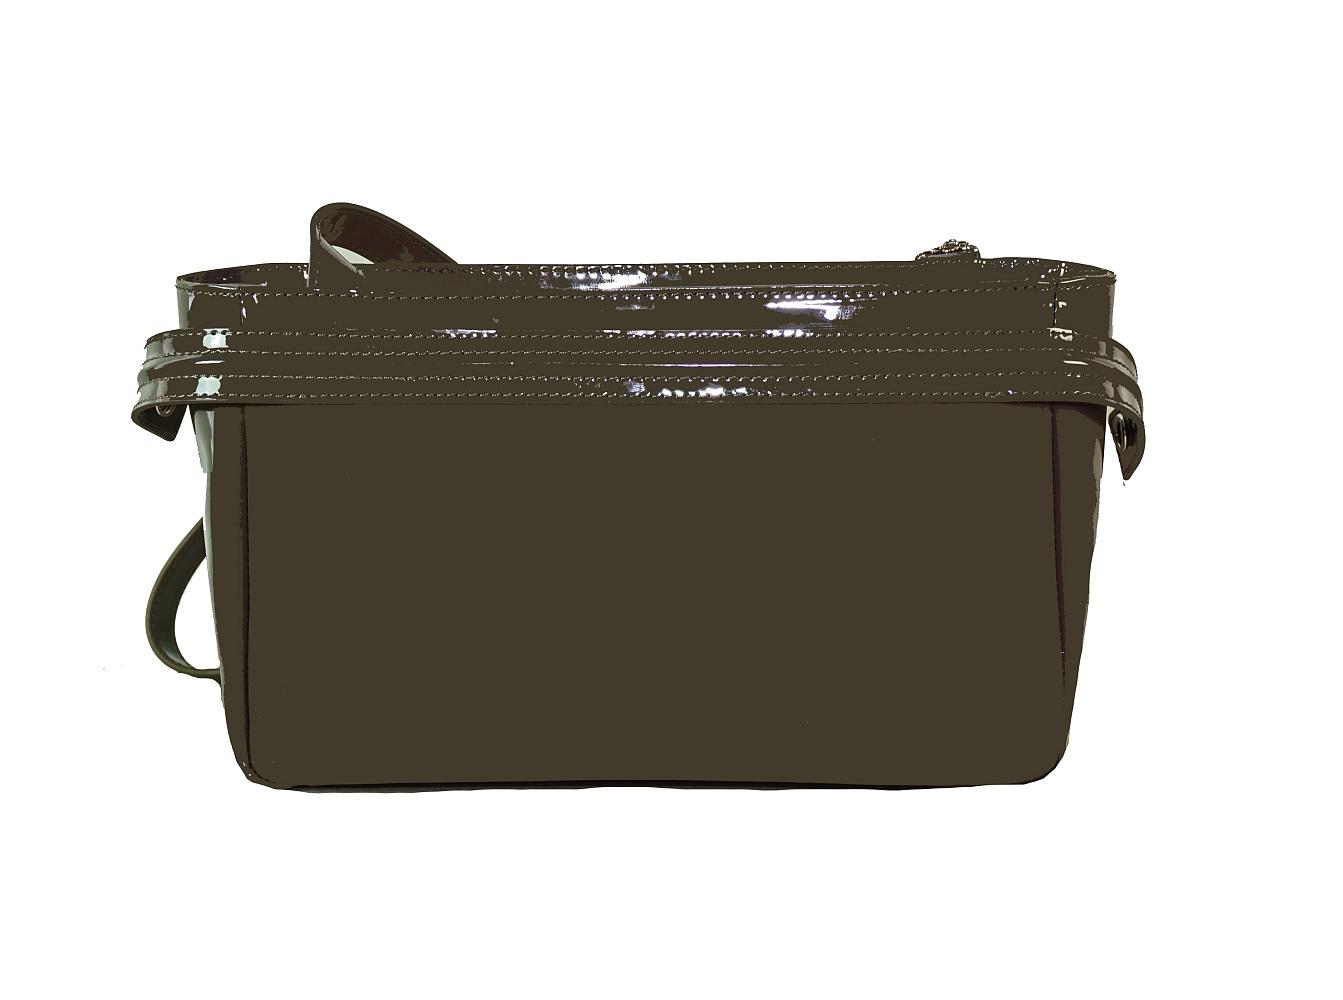 Armani Jeans Tasche Handtasche f. Damen 922527 CC855 07753 taupe HW16